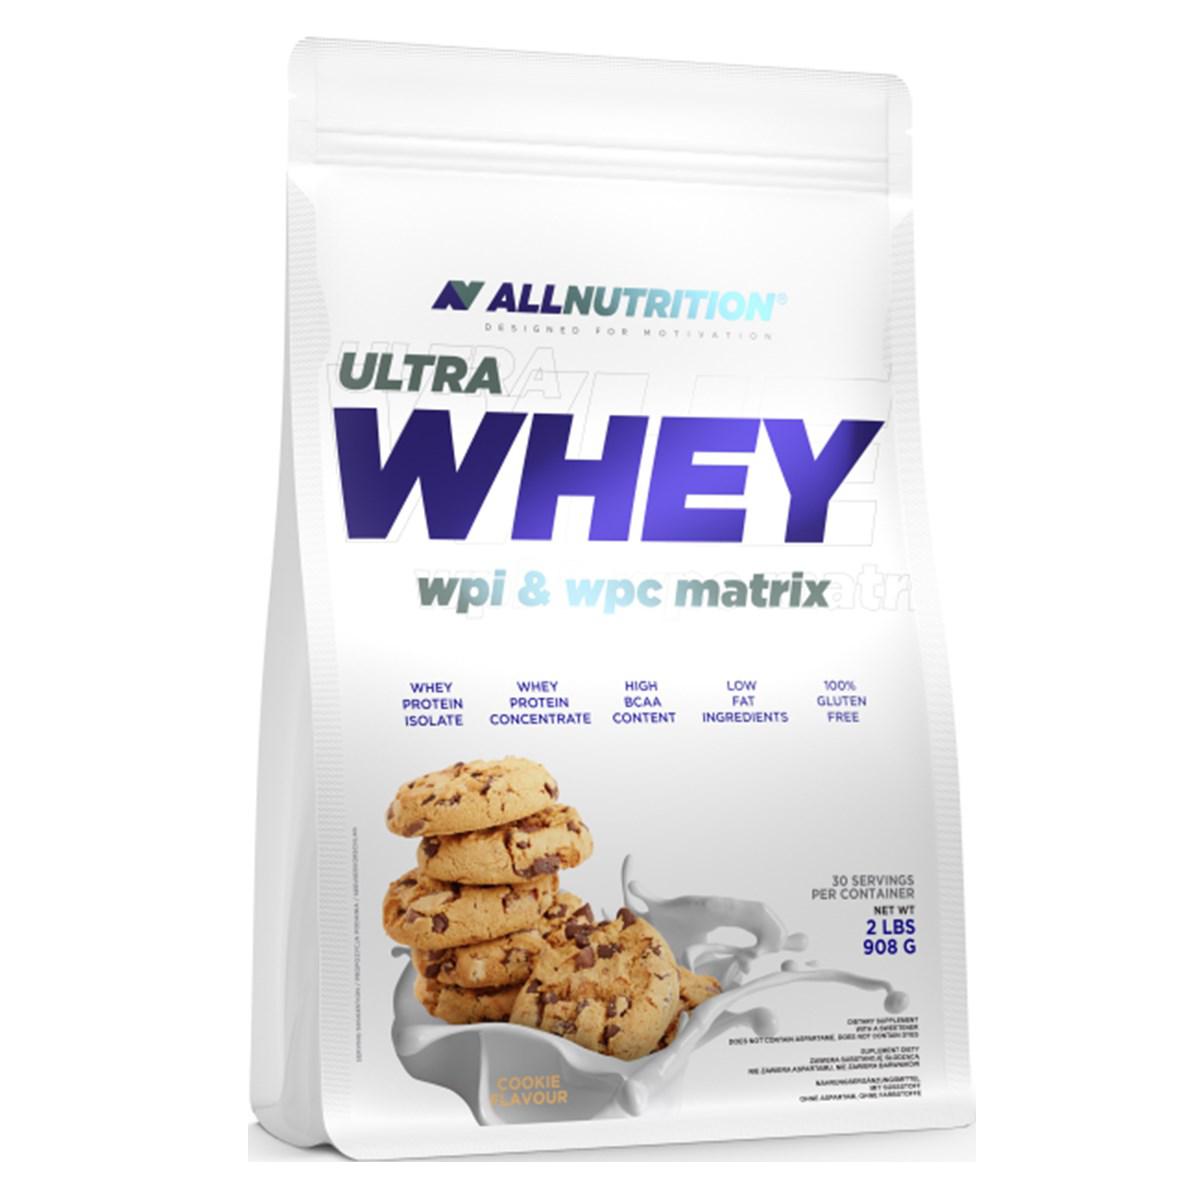 AllNutrition Ultra Whey 0,908 kg